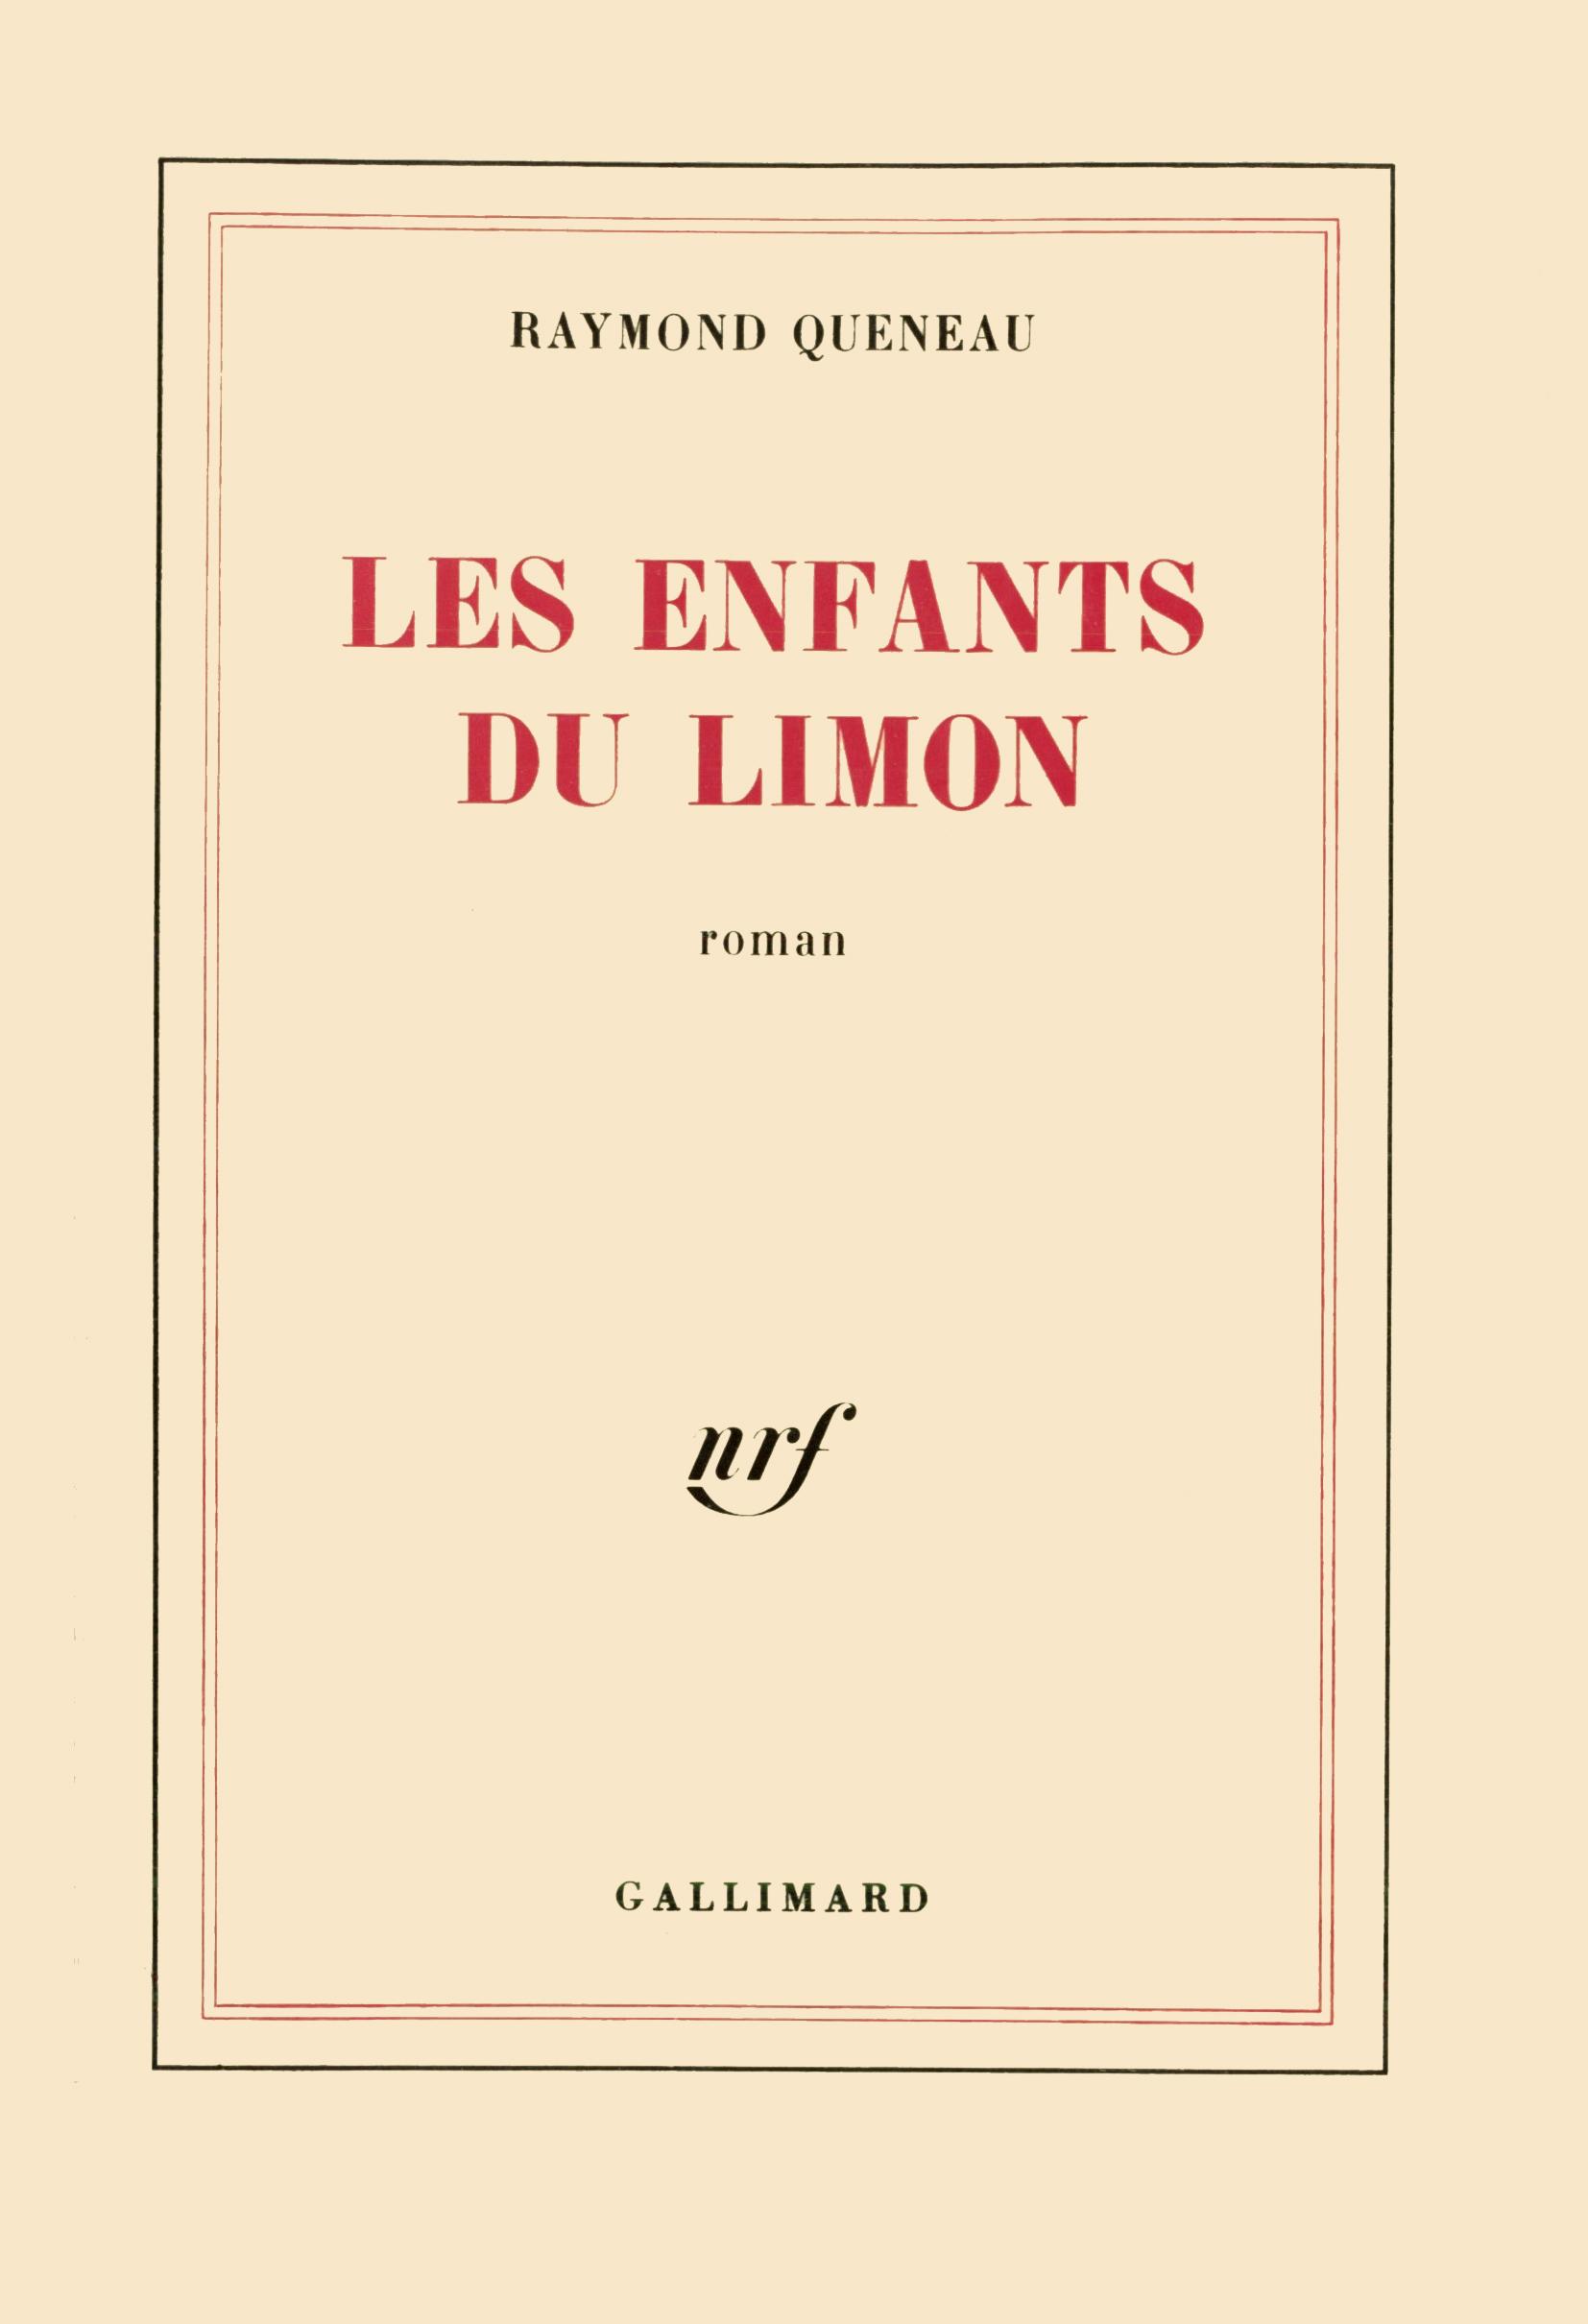 2e558bde643 Les Enfants du limon - Blanche - GALLIMARD - Site Gallimard